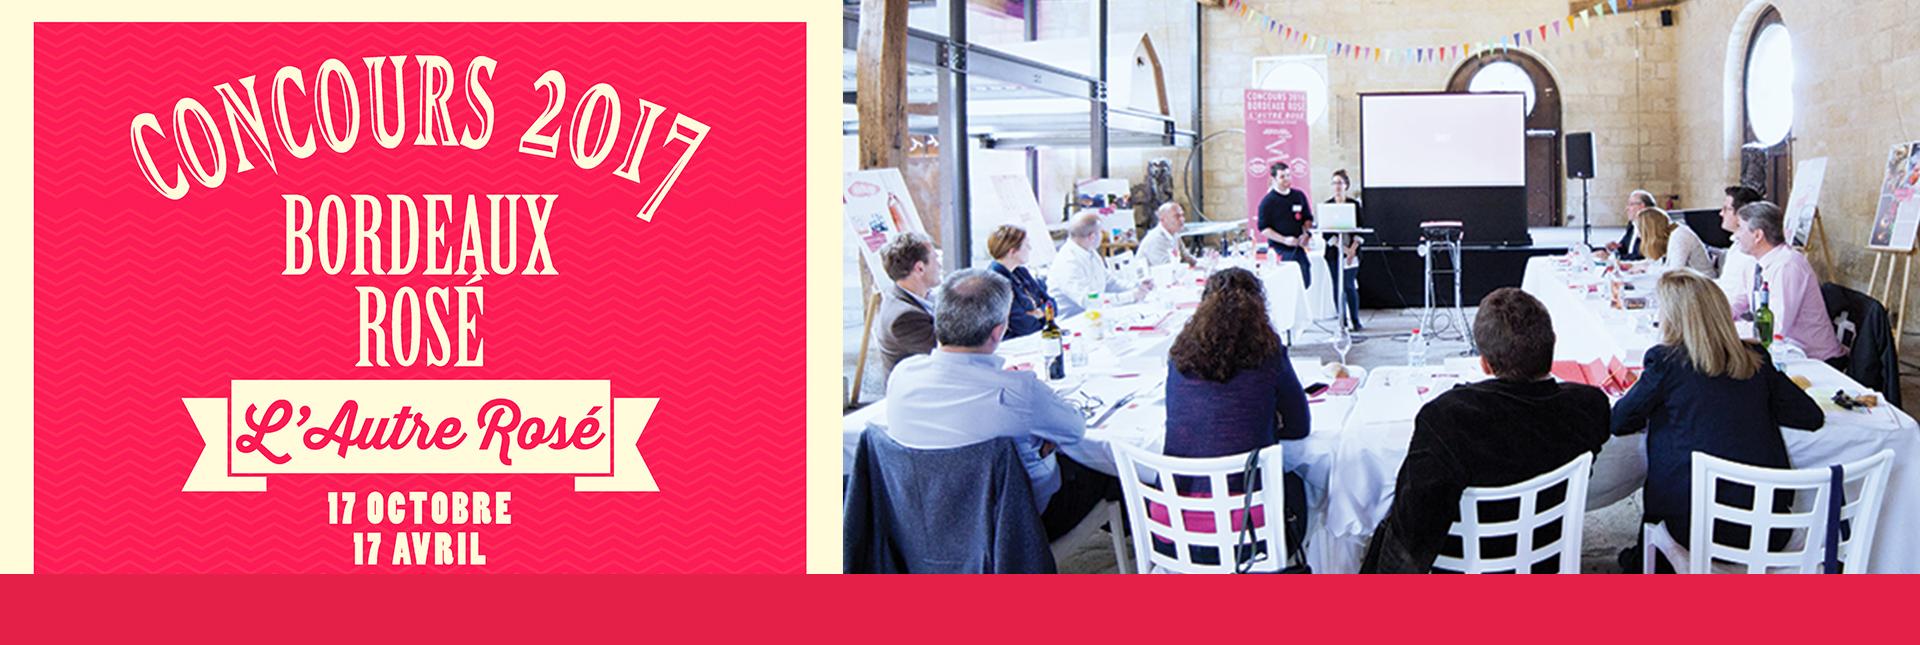 Concours Bordeaux Rosé 2017 : la finale